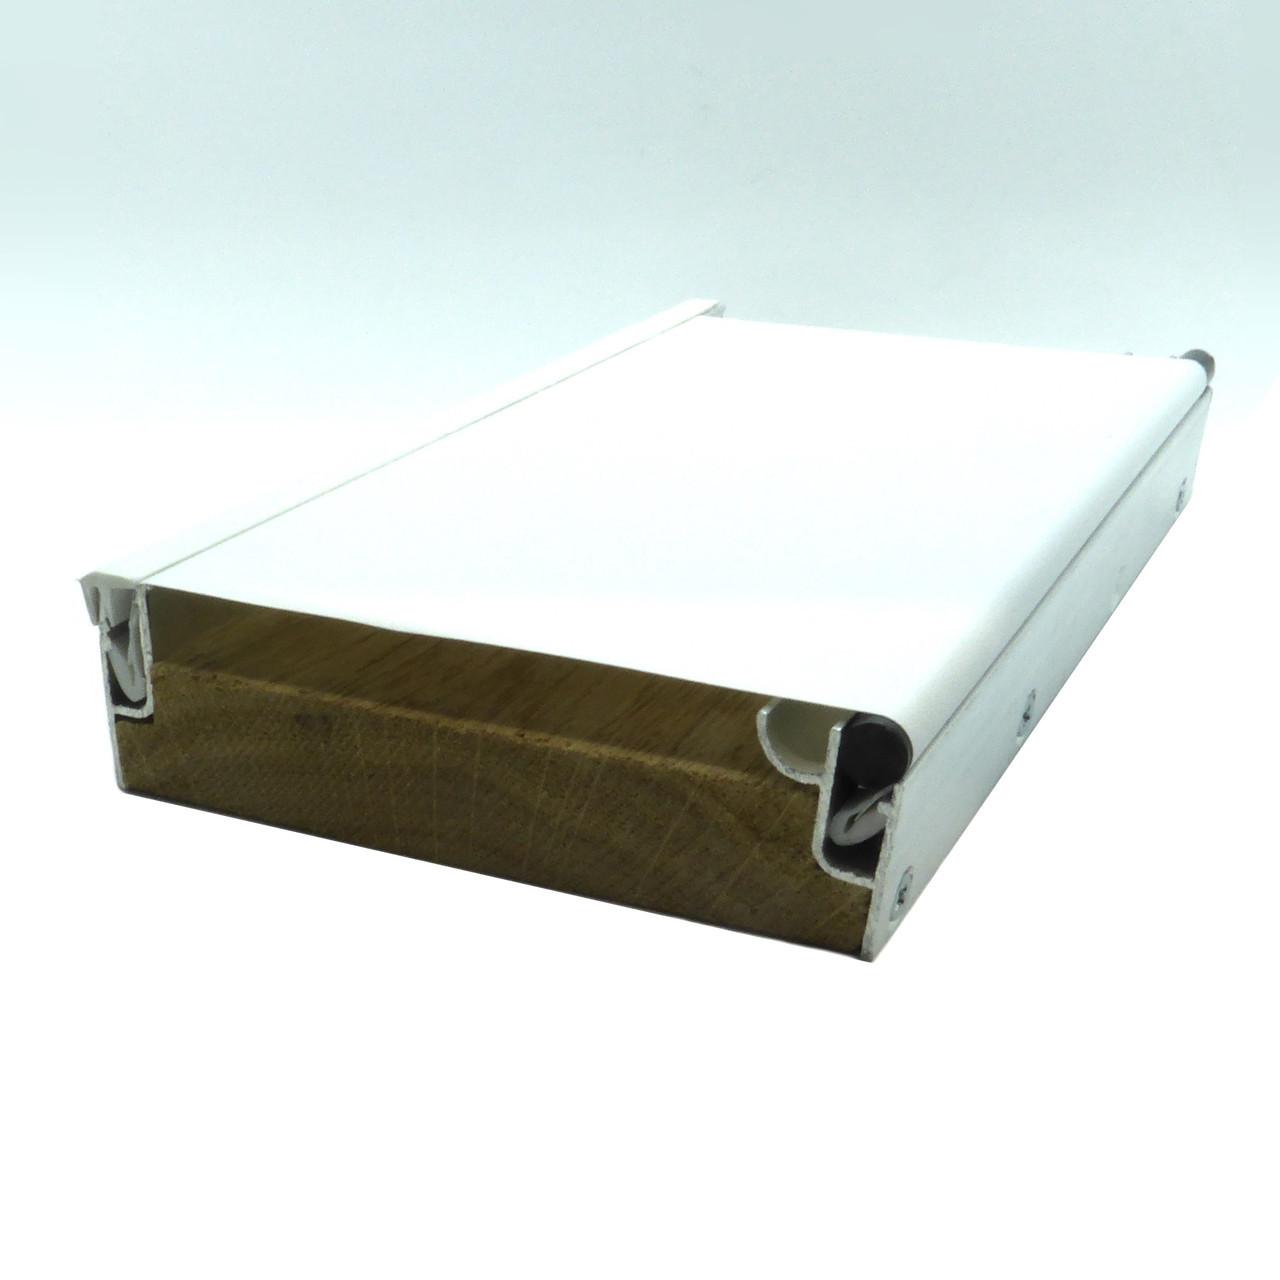 Промо материал для натяжных потолков. Образец с профилем h-образным и бесщелевым системы KRAAB 3.0